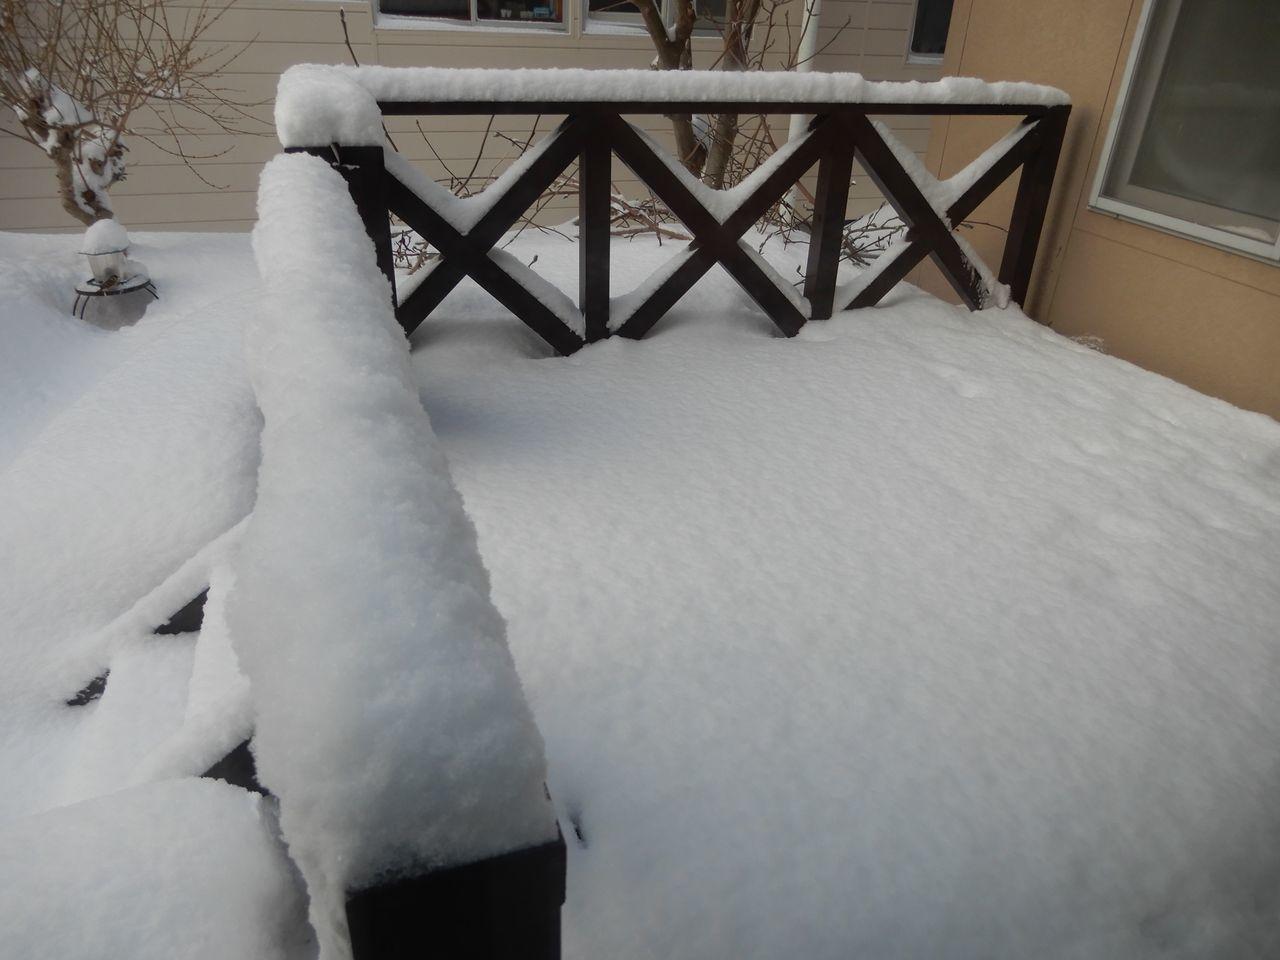 久しぶりに本格的積雪の朝_c0025115_20321708.jpg